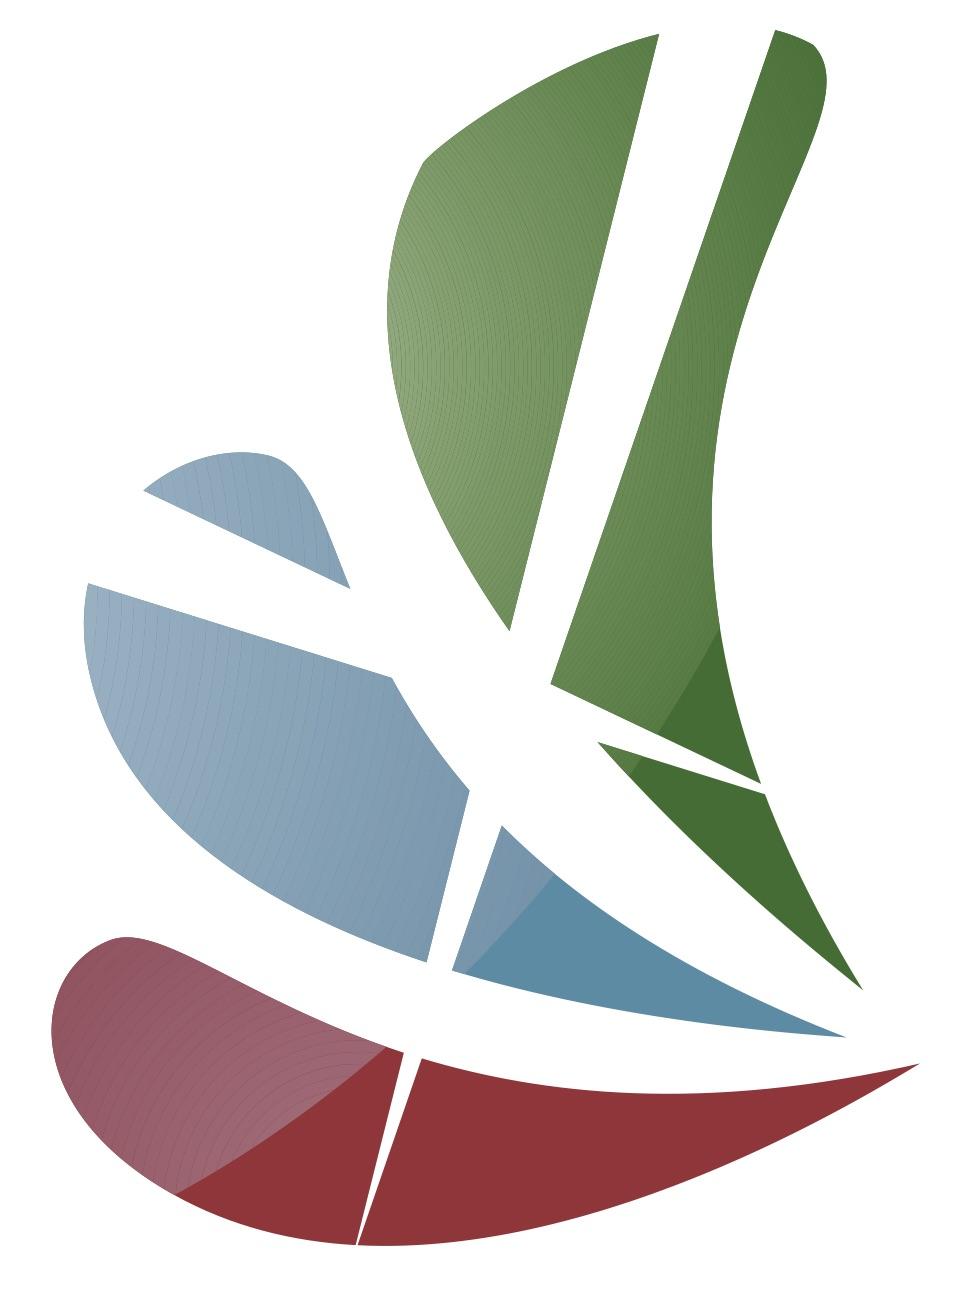 Northwest+Coast+Presbytery+Logo+Image+only.jpg